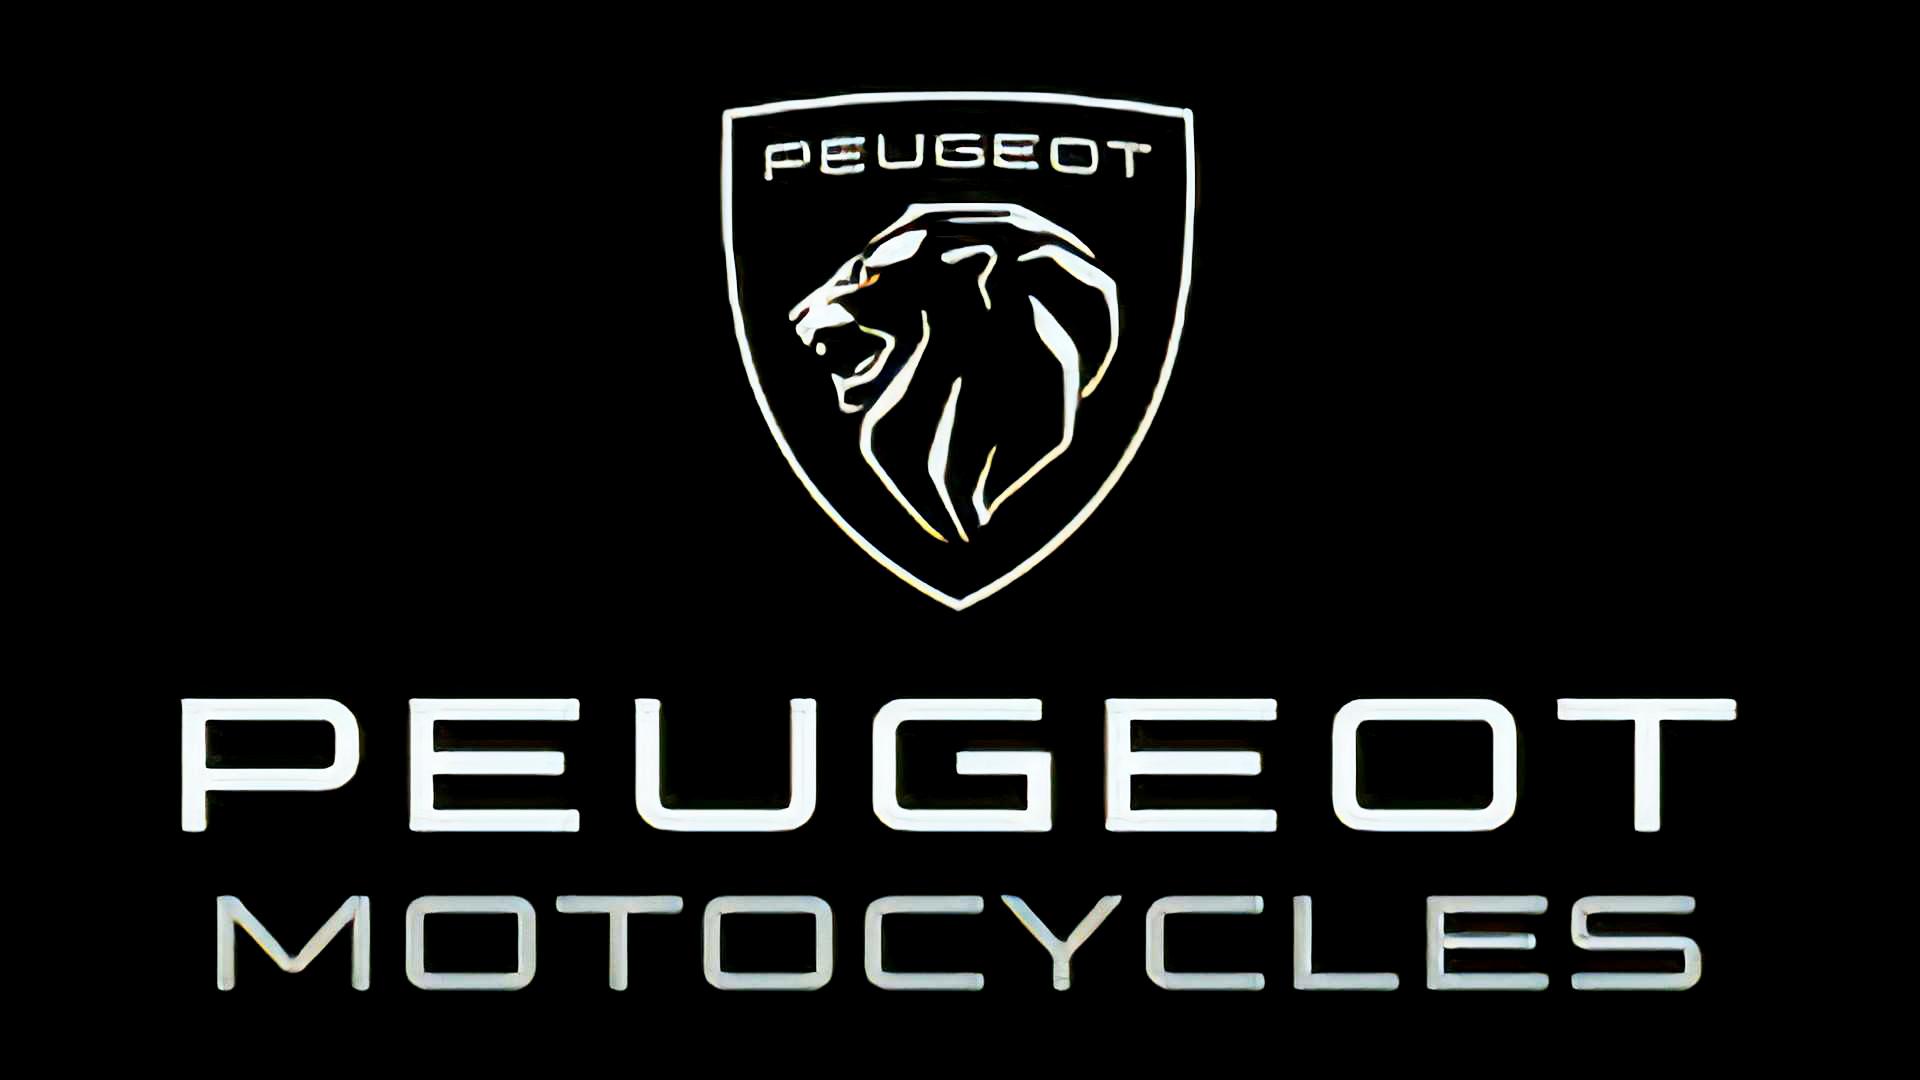 Peugeot Motocycles — новое имя, новый значок, новый старт?